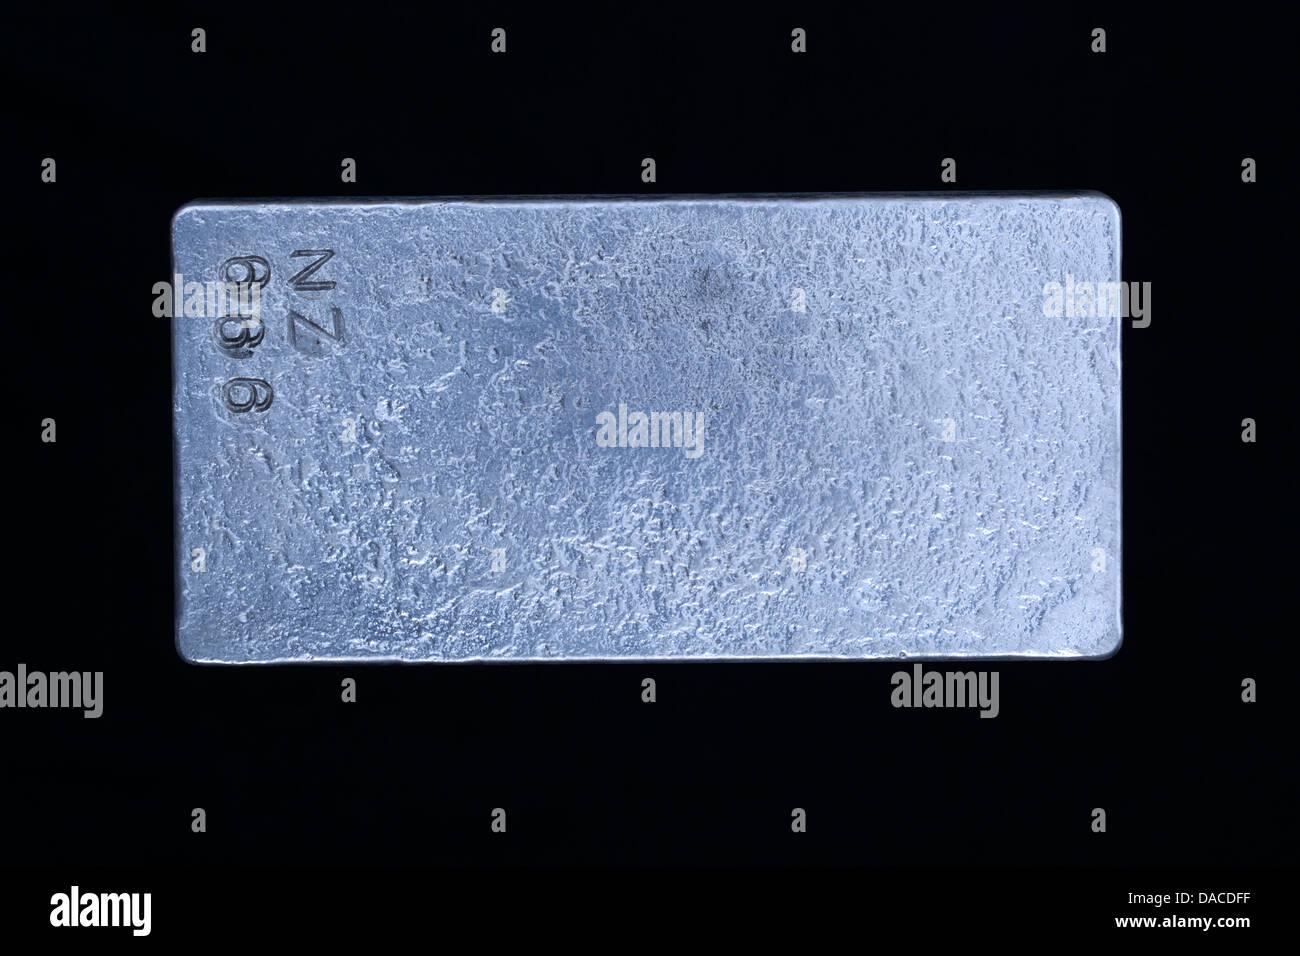 Zinc ingot, Zn - Stock Image